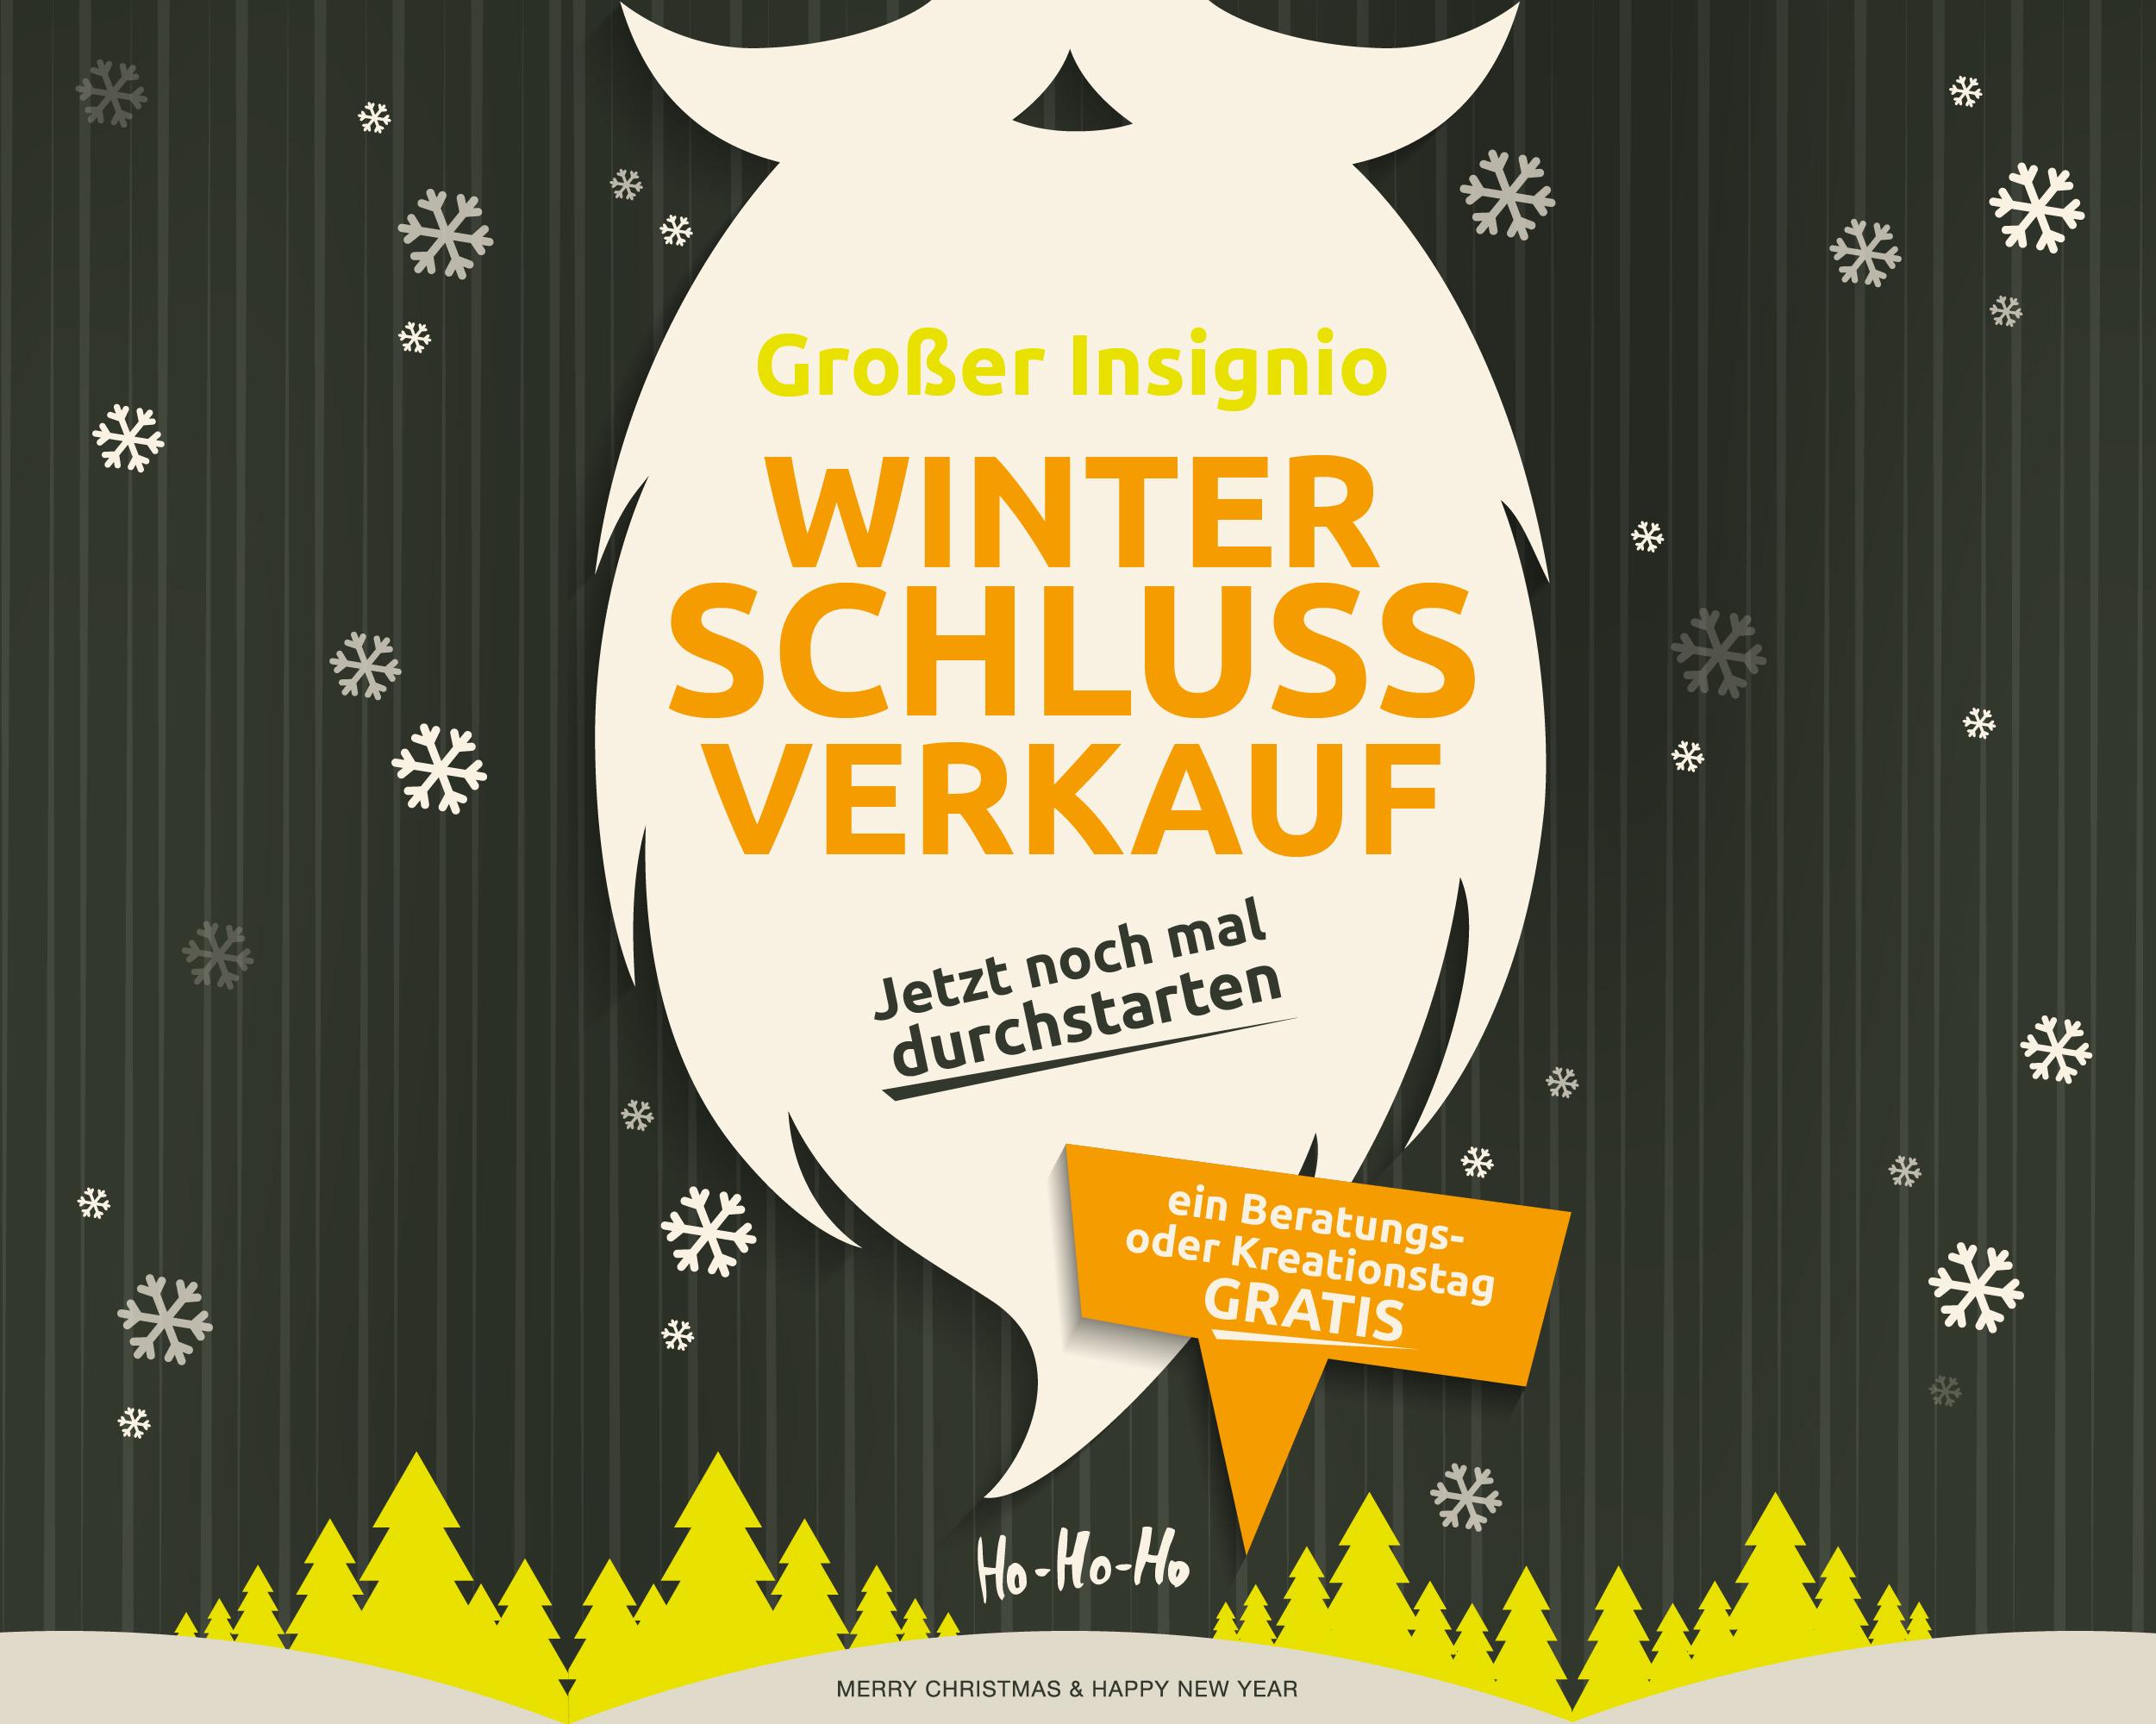 insignio_winterschlussverkauf-01